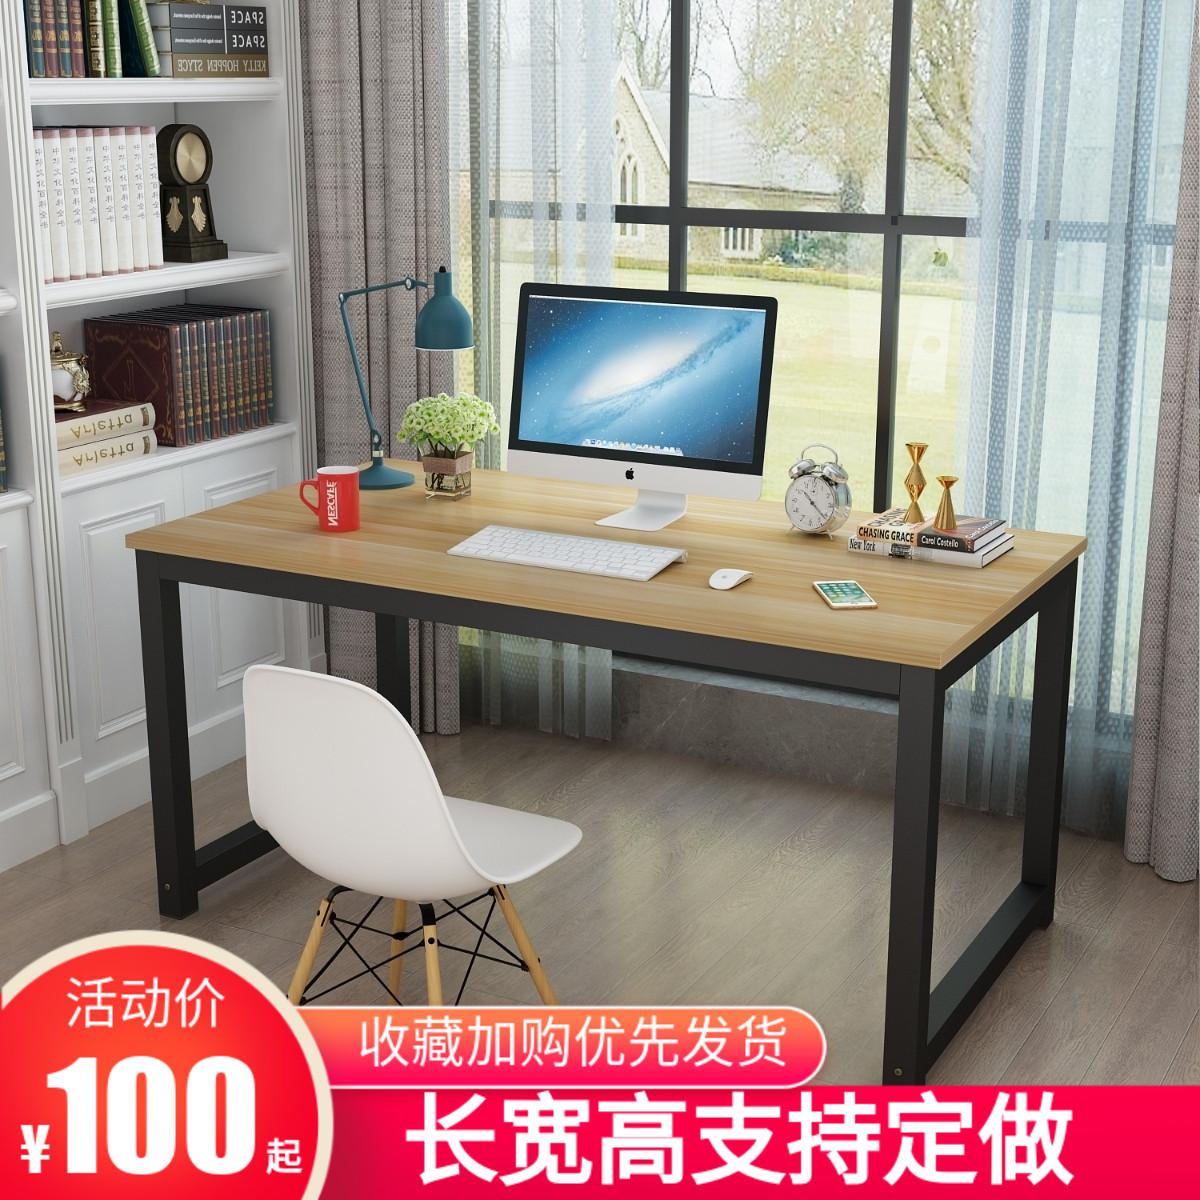 カスタマイズデスクトップ90 cm長テーブル60 70 80 90 110 140 95